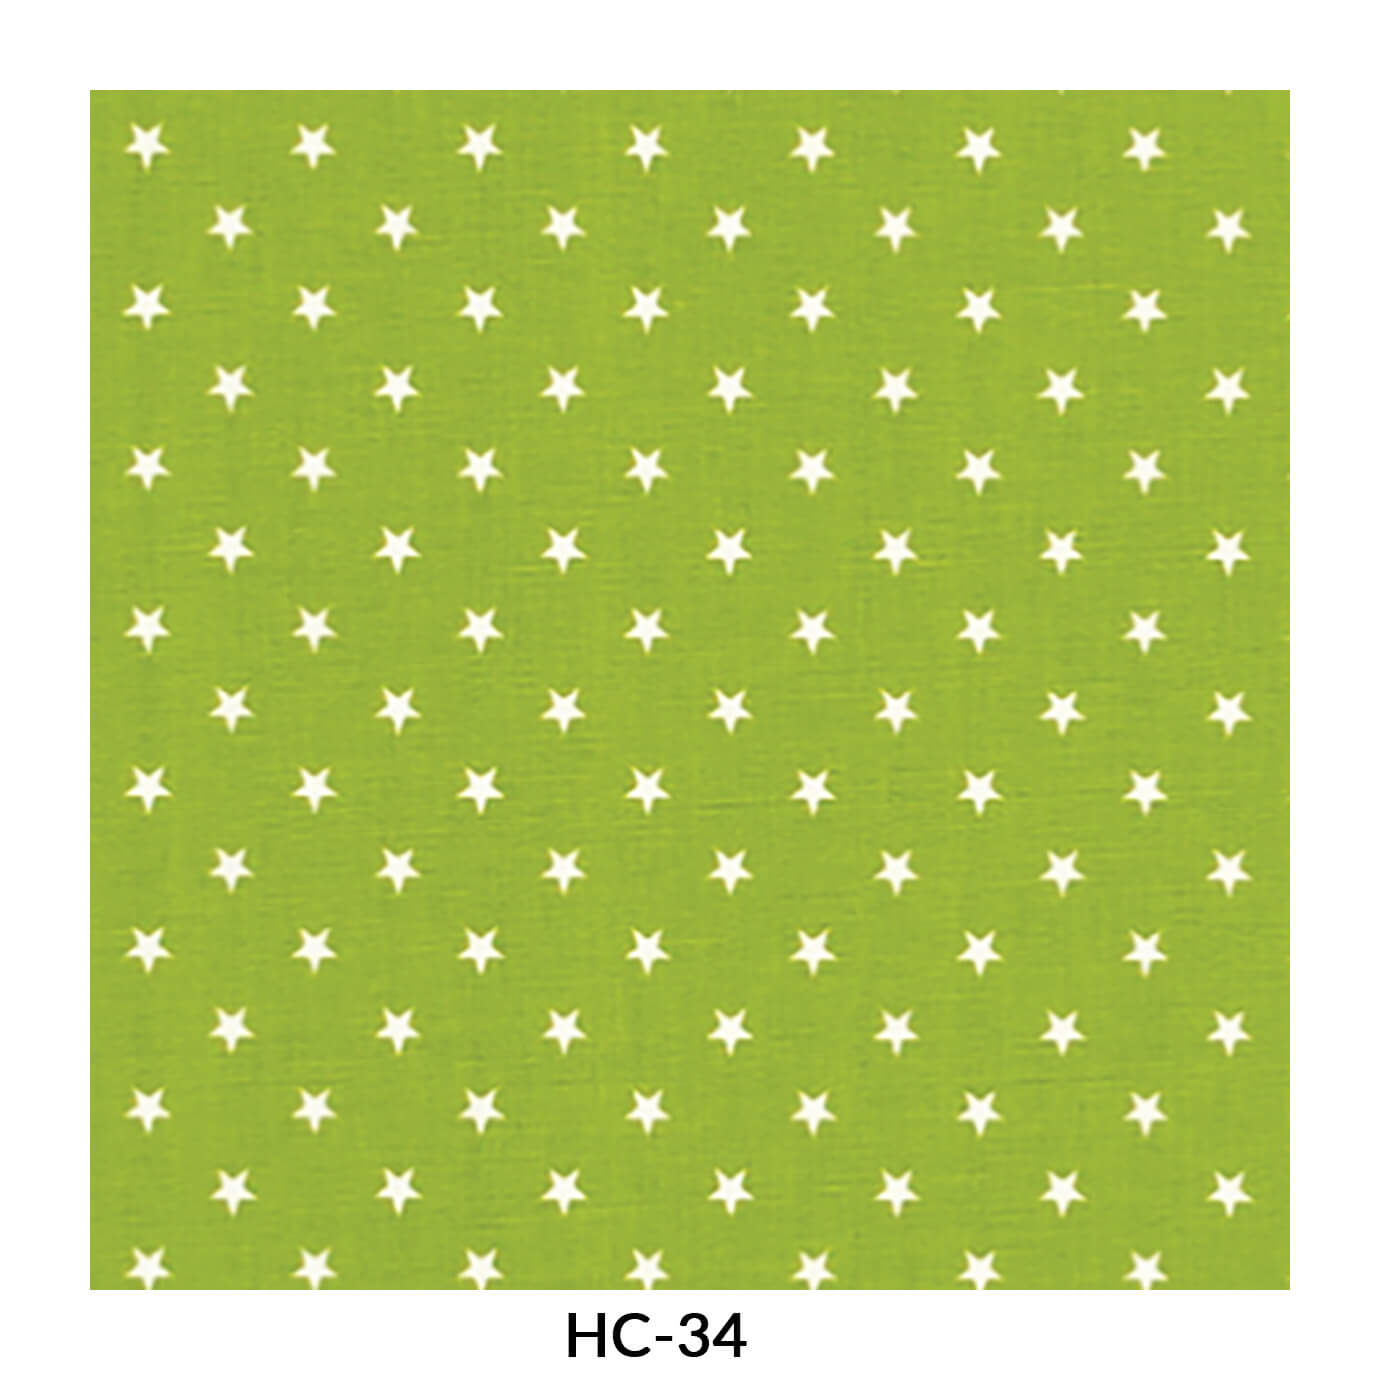 hc34.jpg